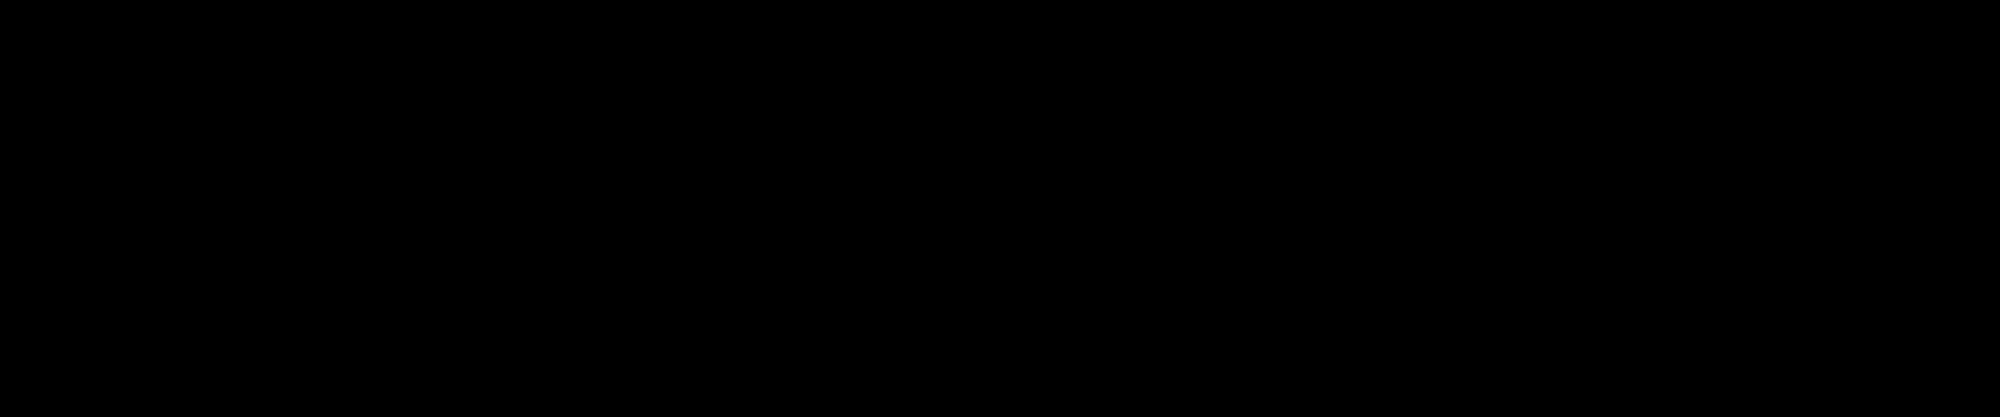 PlayStation 4 - Ps4 PNG